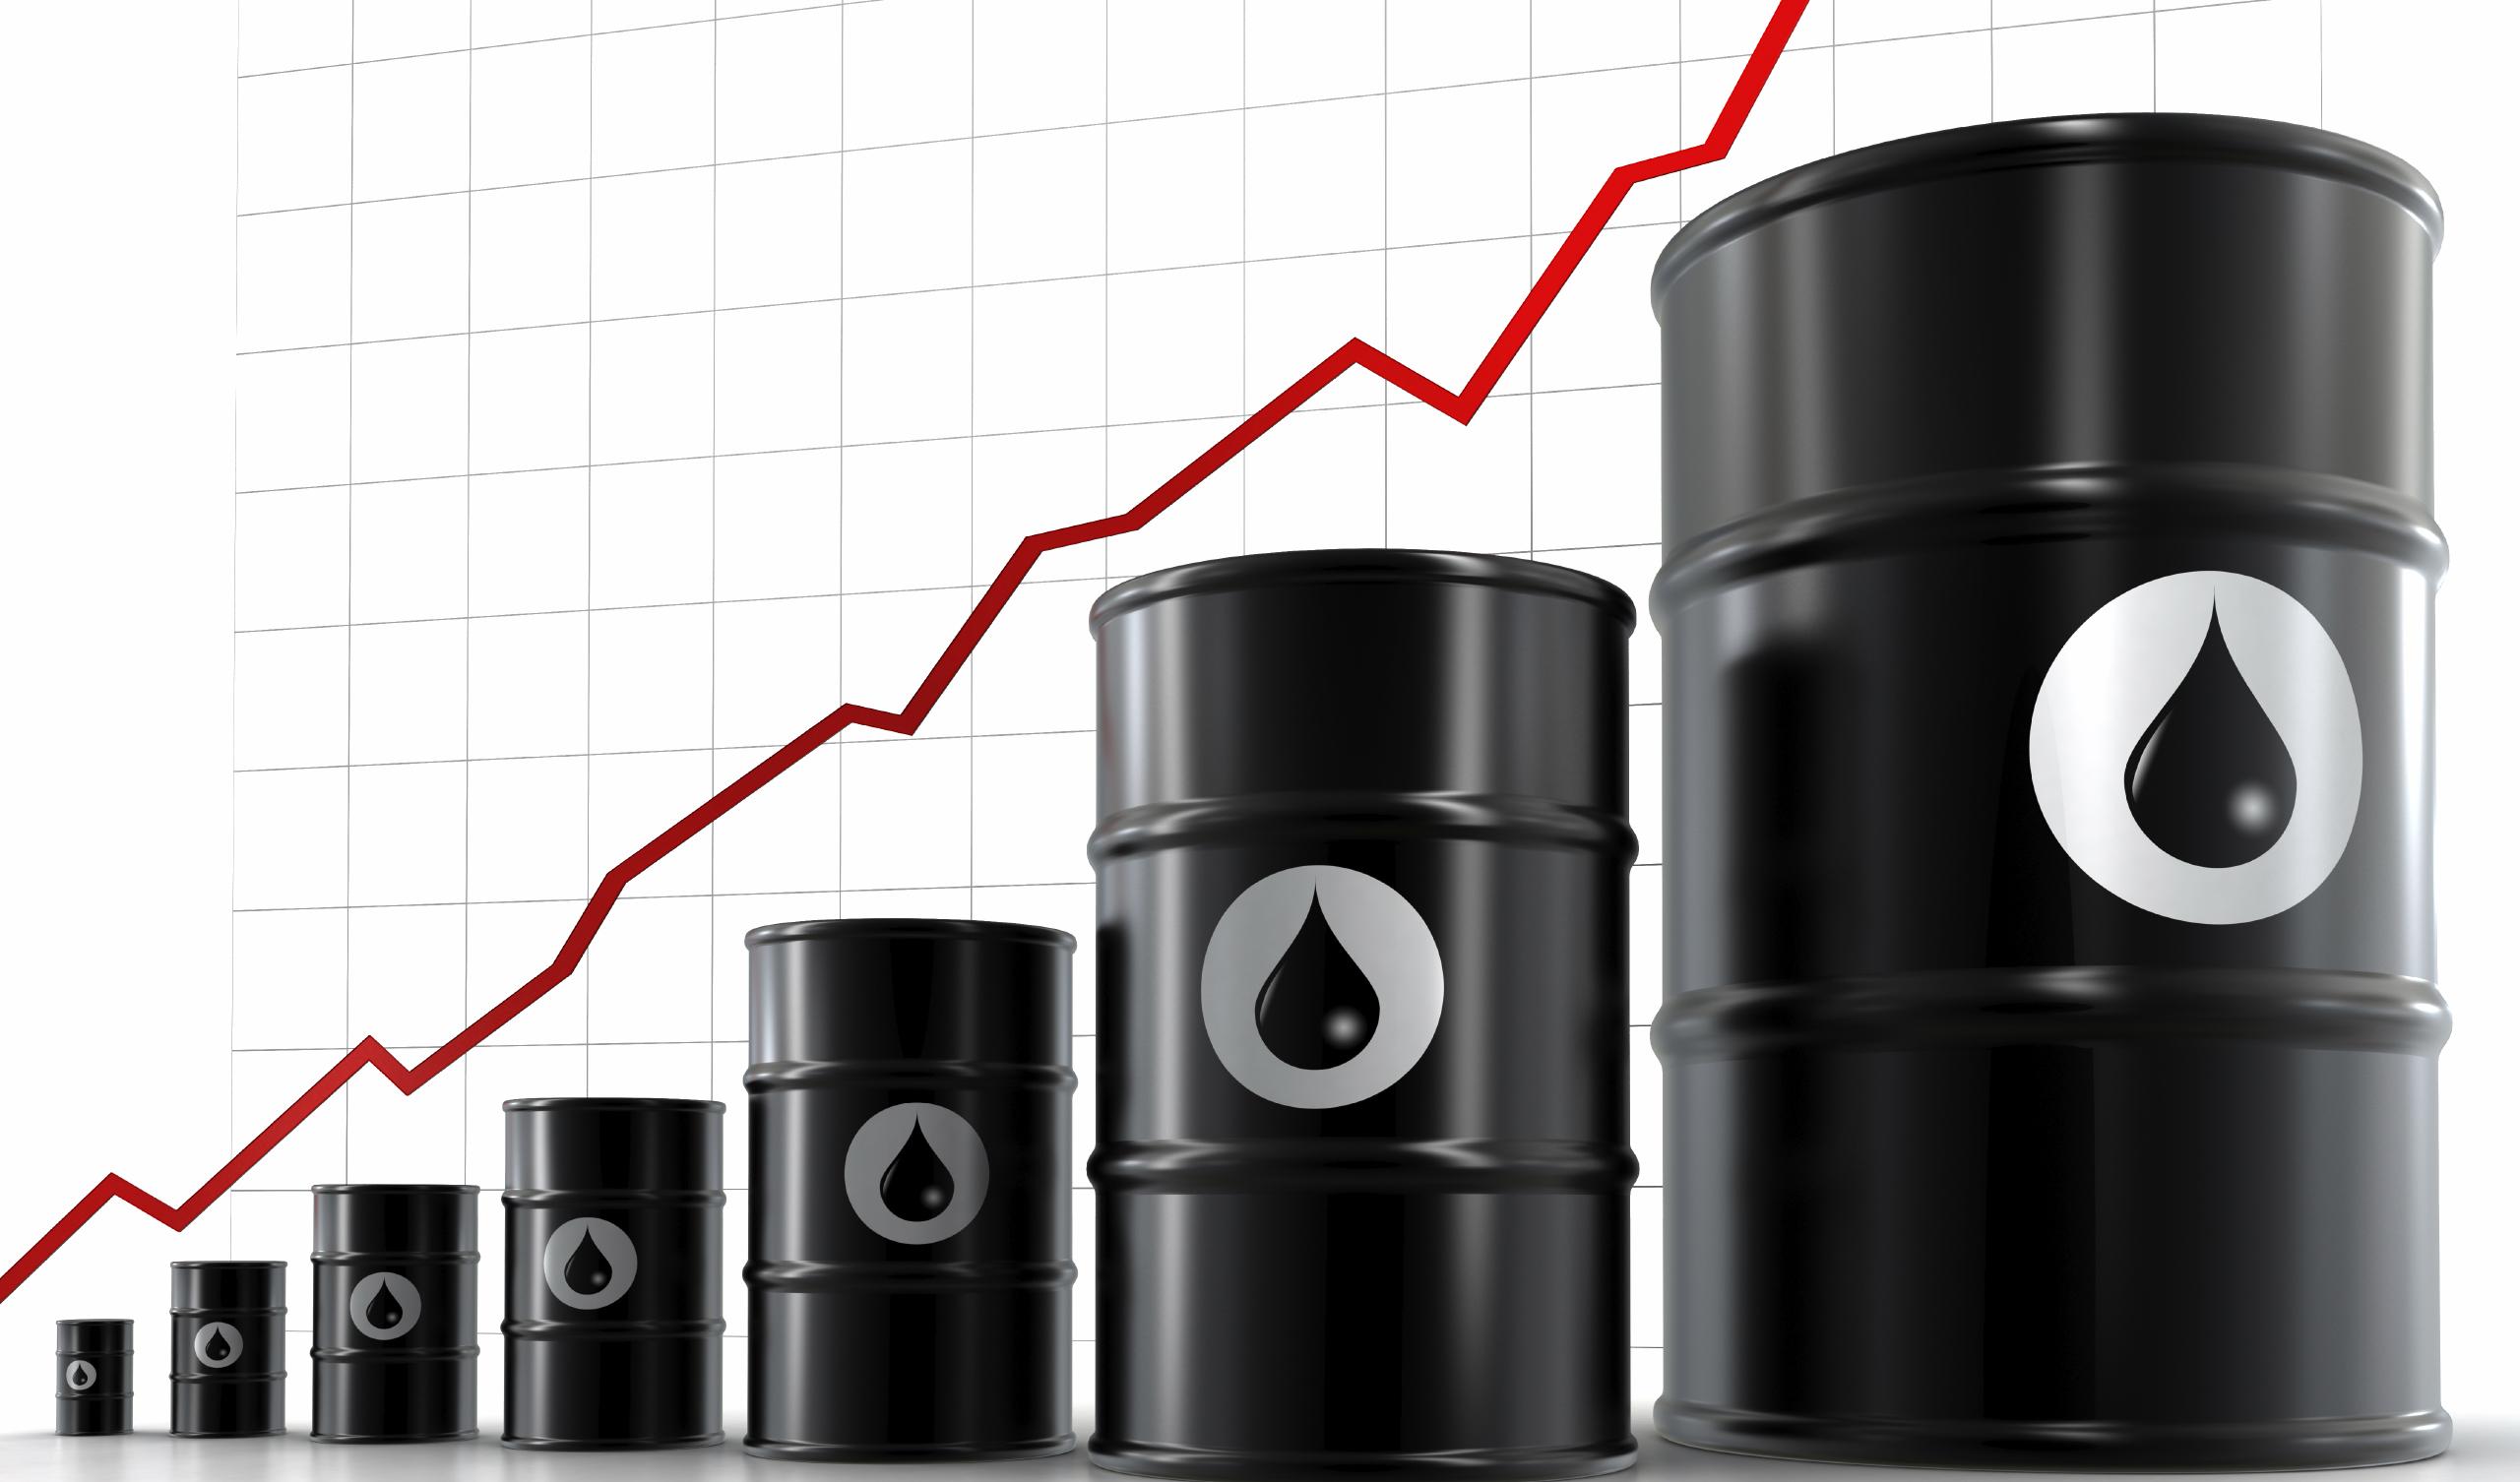 قیمت نفت خام به بالاترین سطح چندین سال اخیر جهش کرد